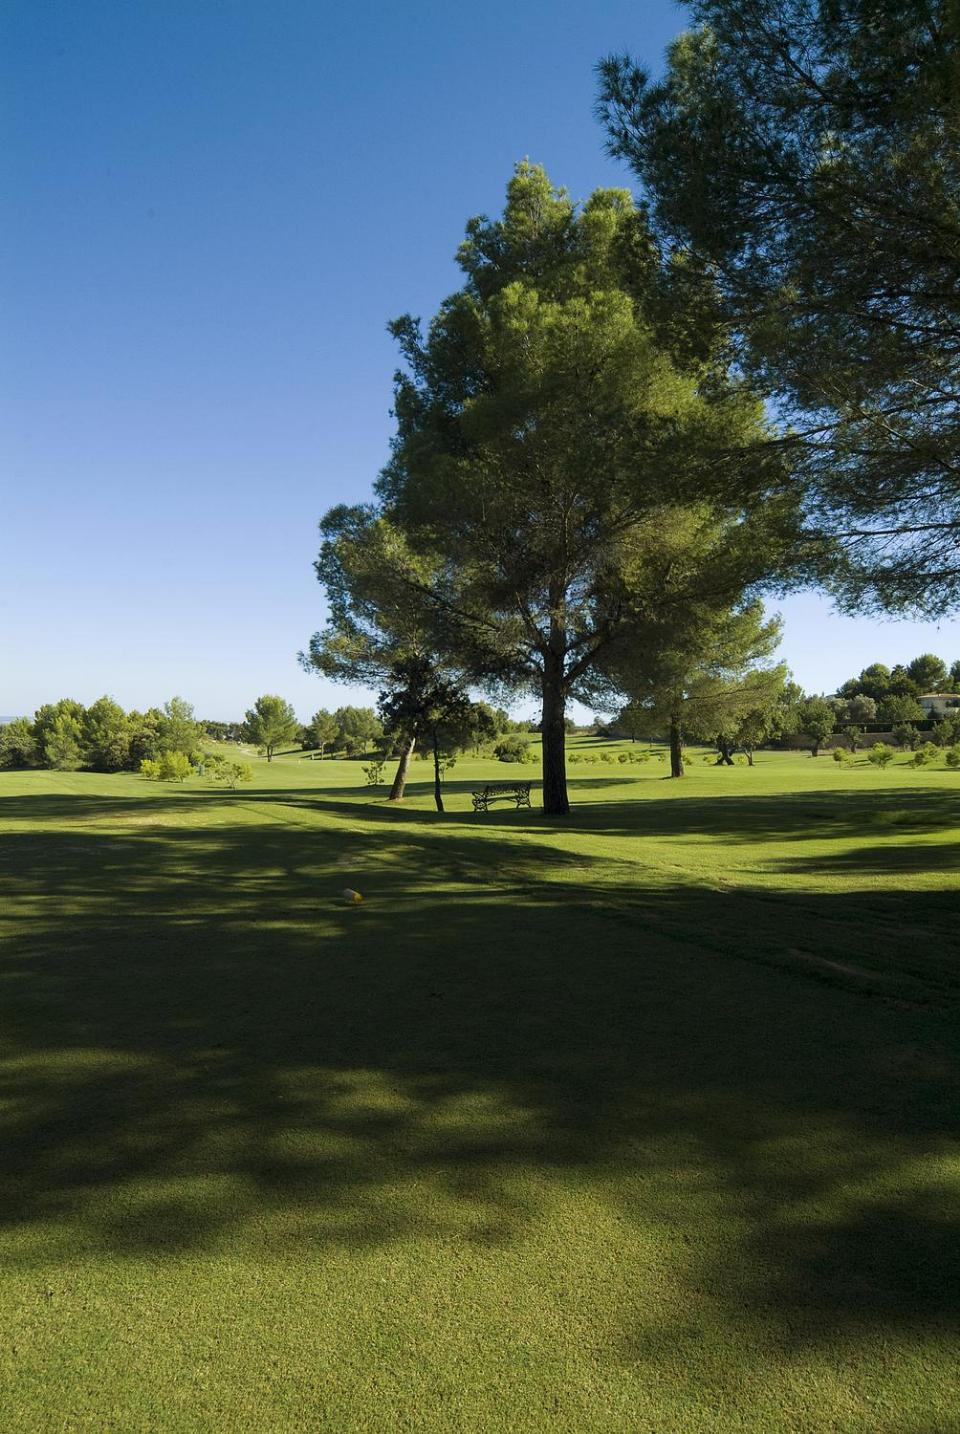 Der Golfplatz hat einen sehr alten Baumbestand vorzuweisen. Vor allem Kiefern findet man fast an jedem Loch auf dem Platz. (Foto: Arabella Son Quint)